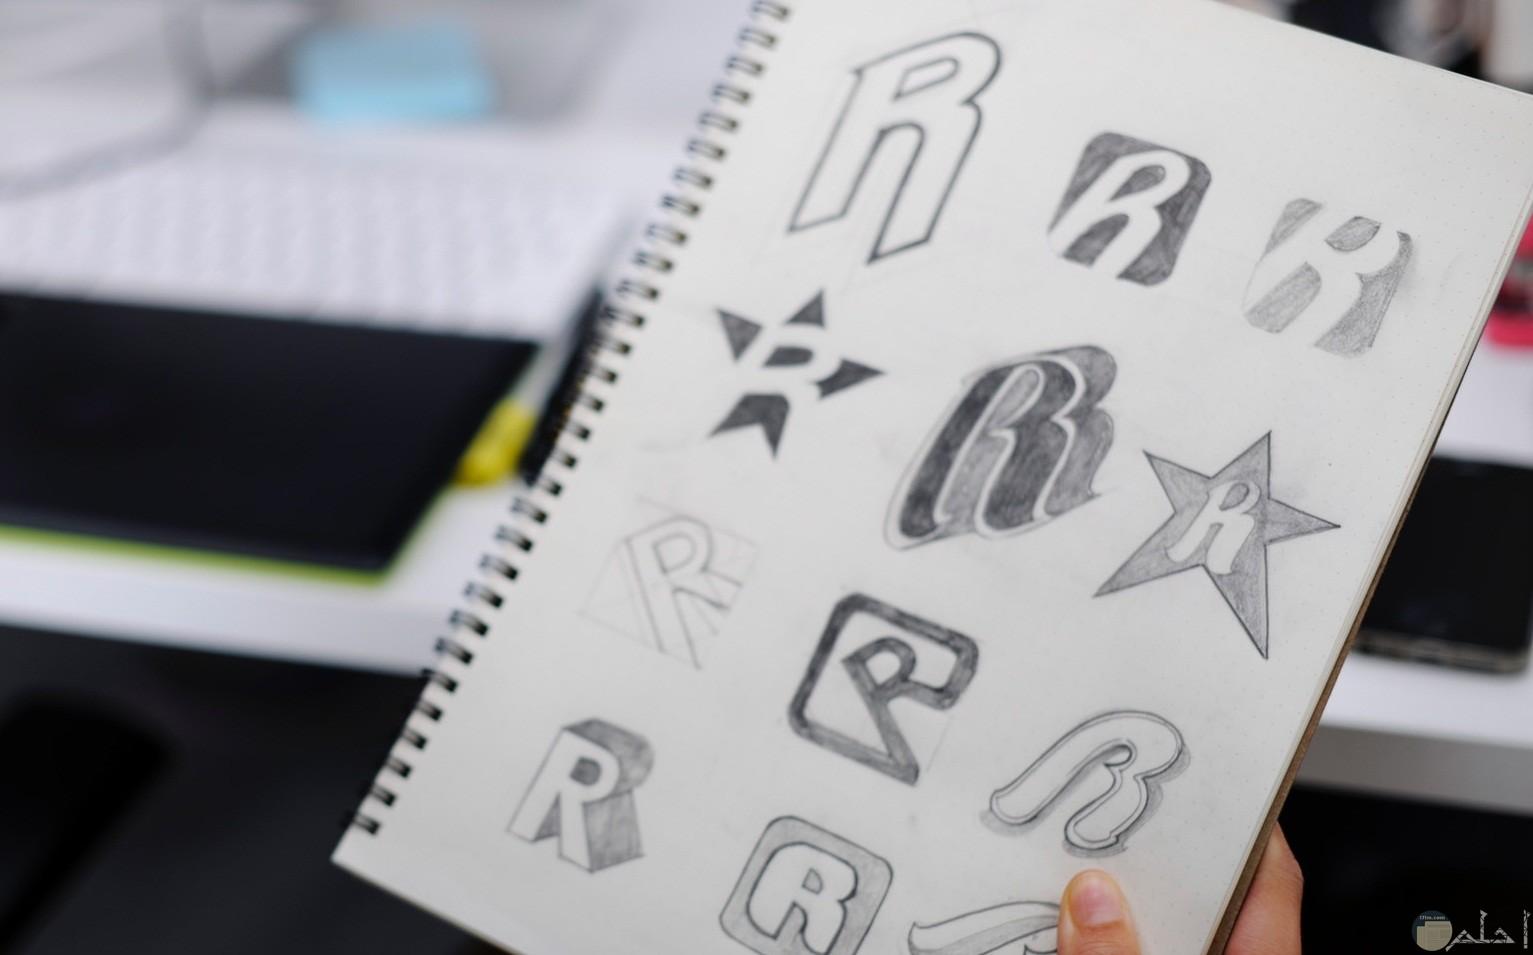 صورة لرسمة جميلة لحرف R بأكثر من شكل